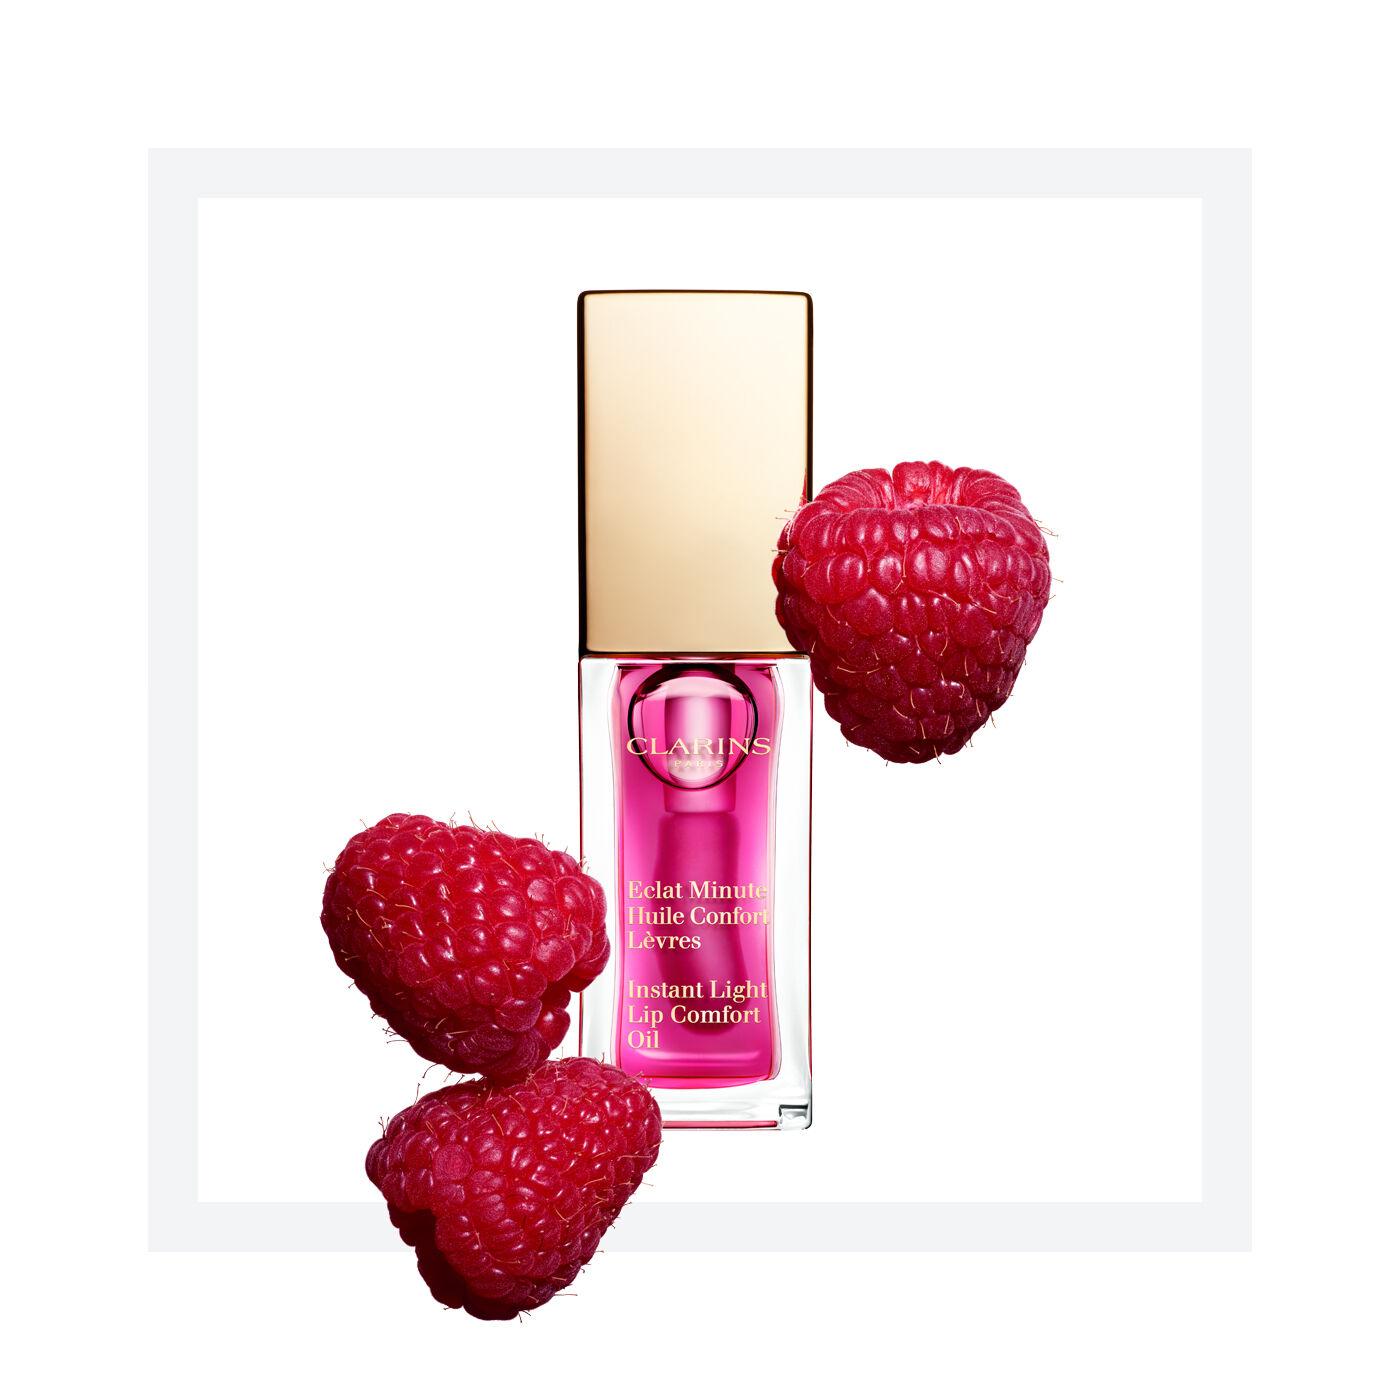 Lippenpflege-%C3%96l%20Eclat%20Minute%20Huile%20Confort%20L%C3%A8vres